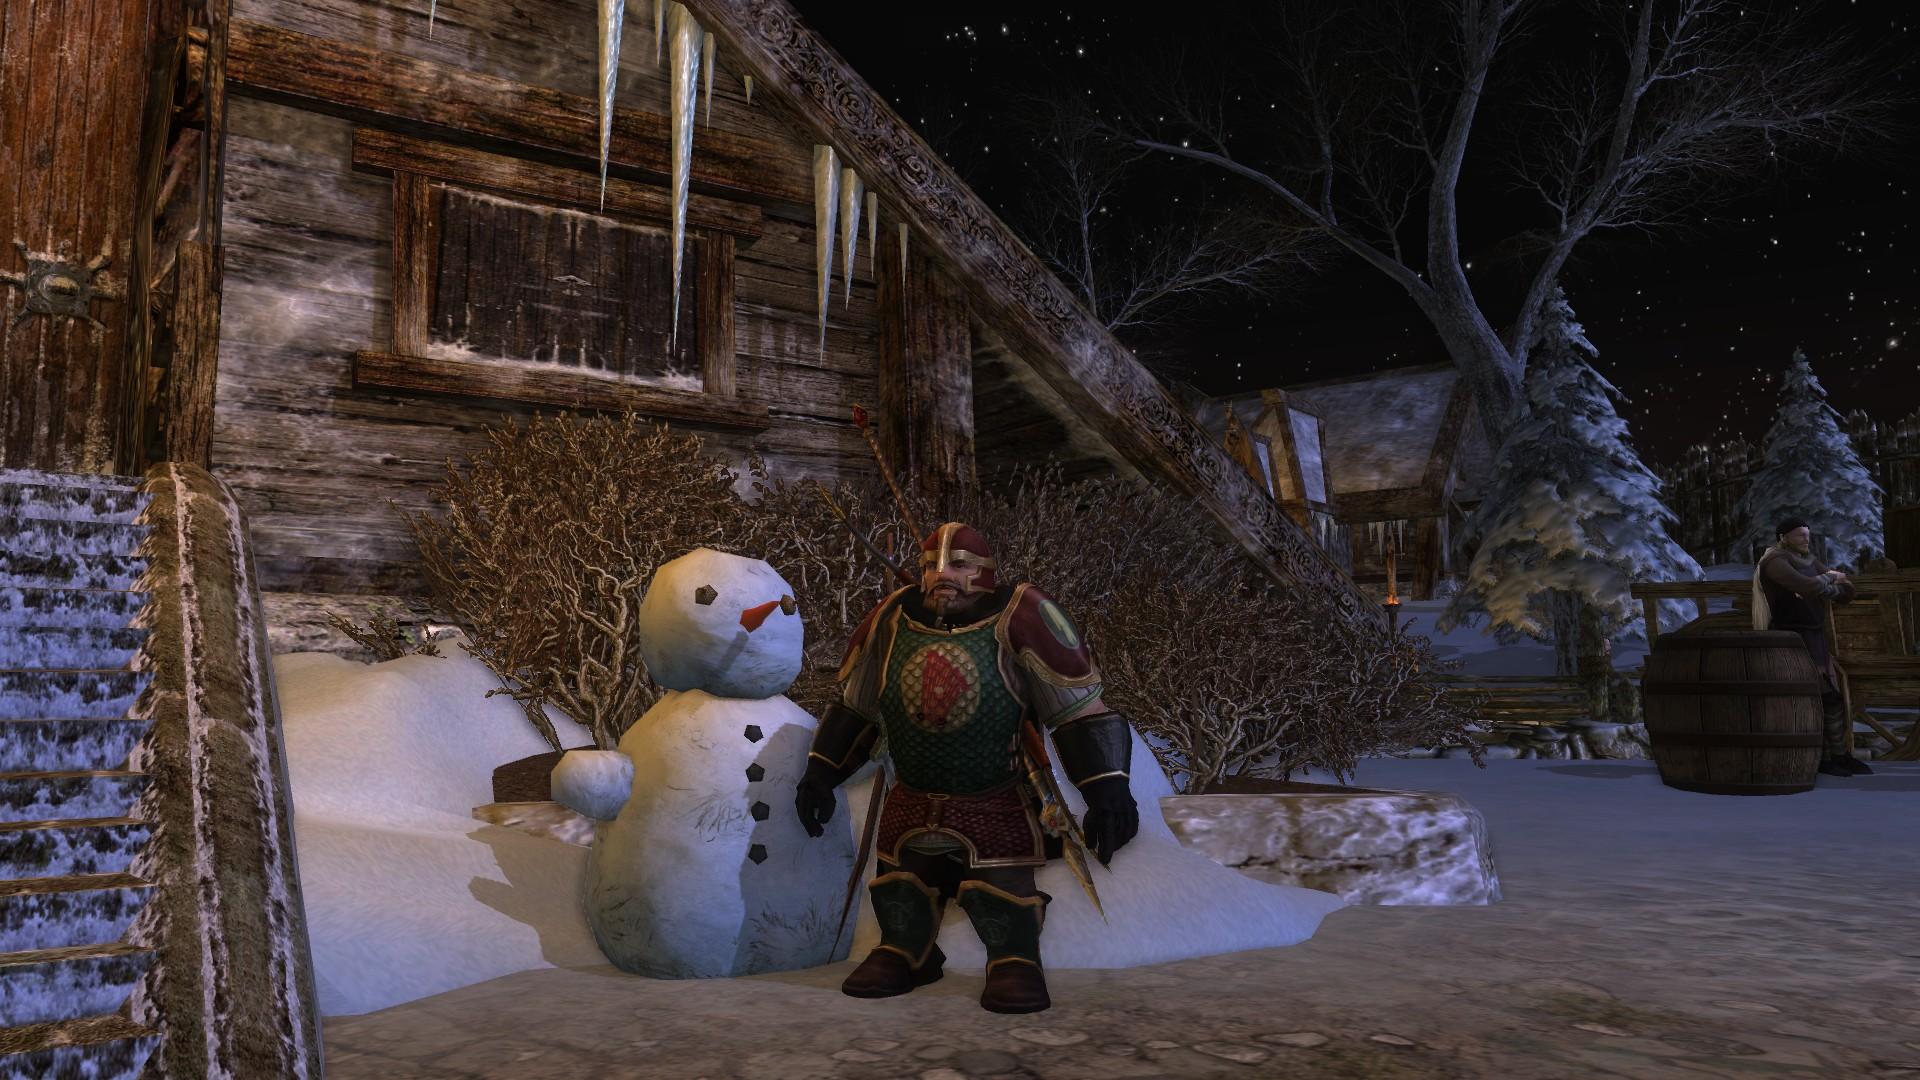 Já a sněhulák